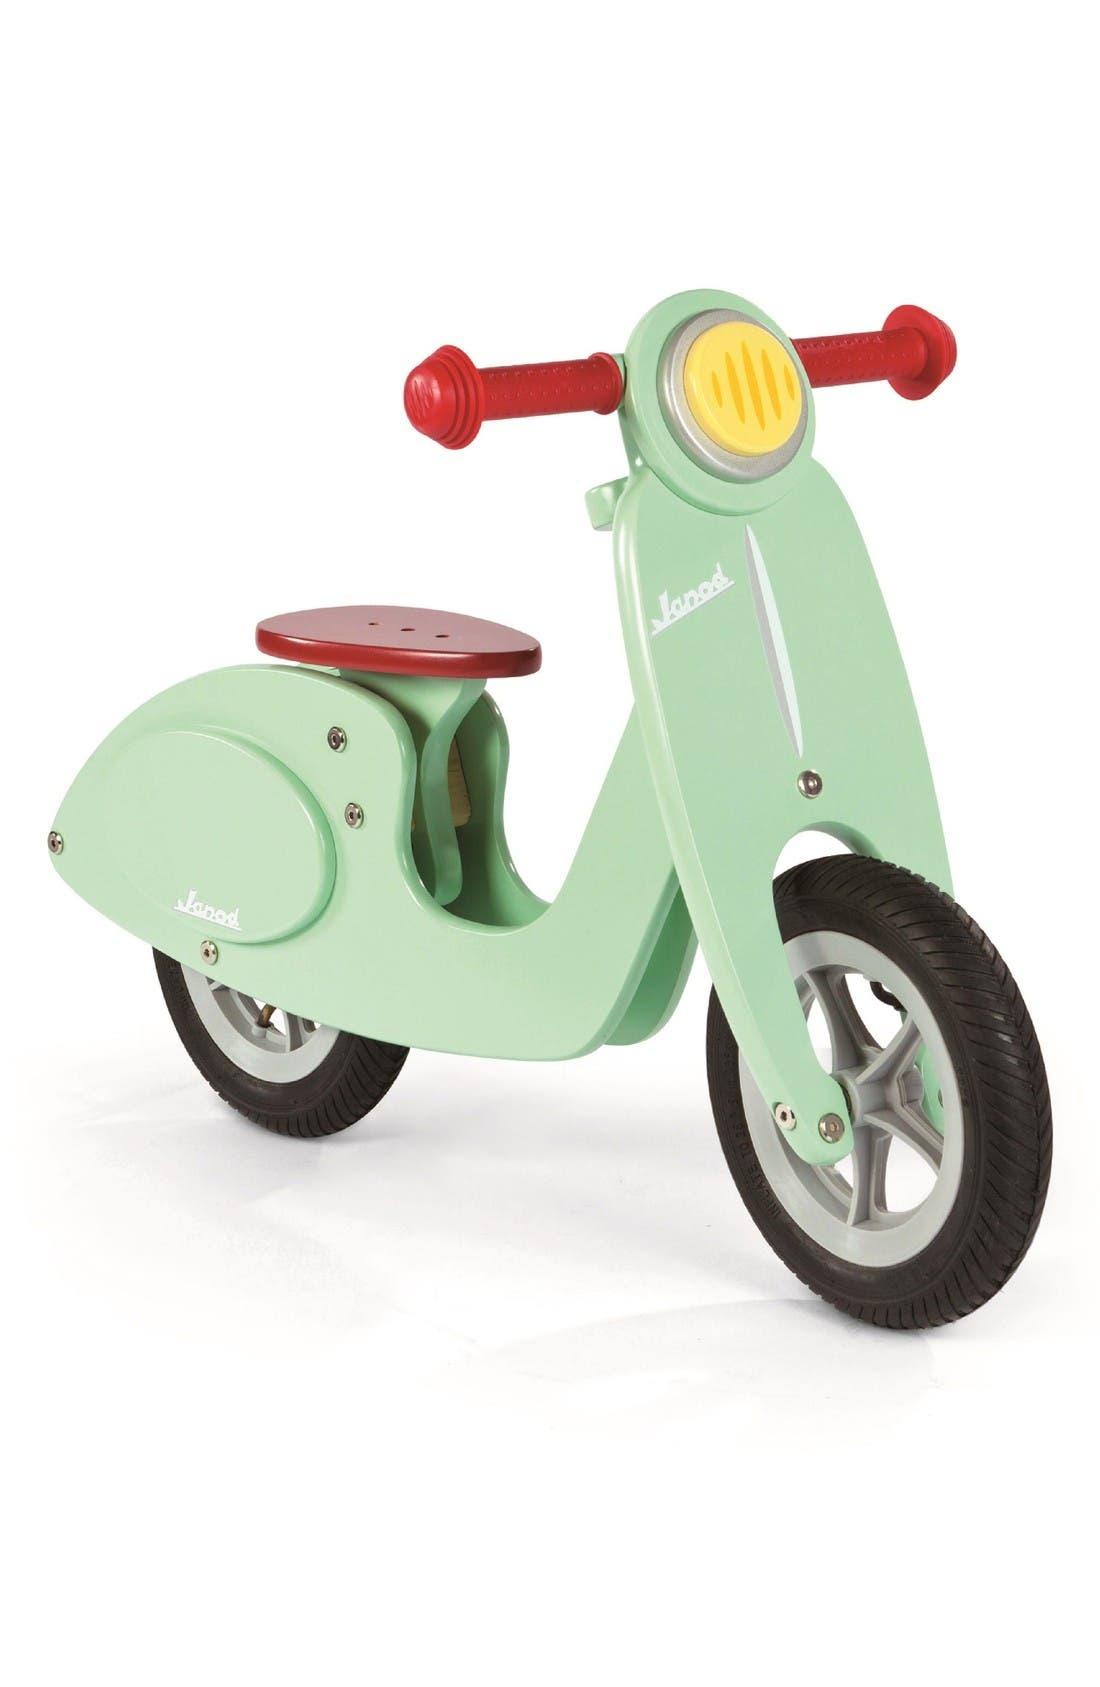 Main Image - Janod Mint Balance Scooter Bike